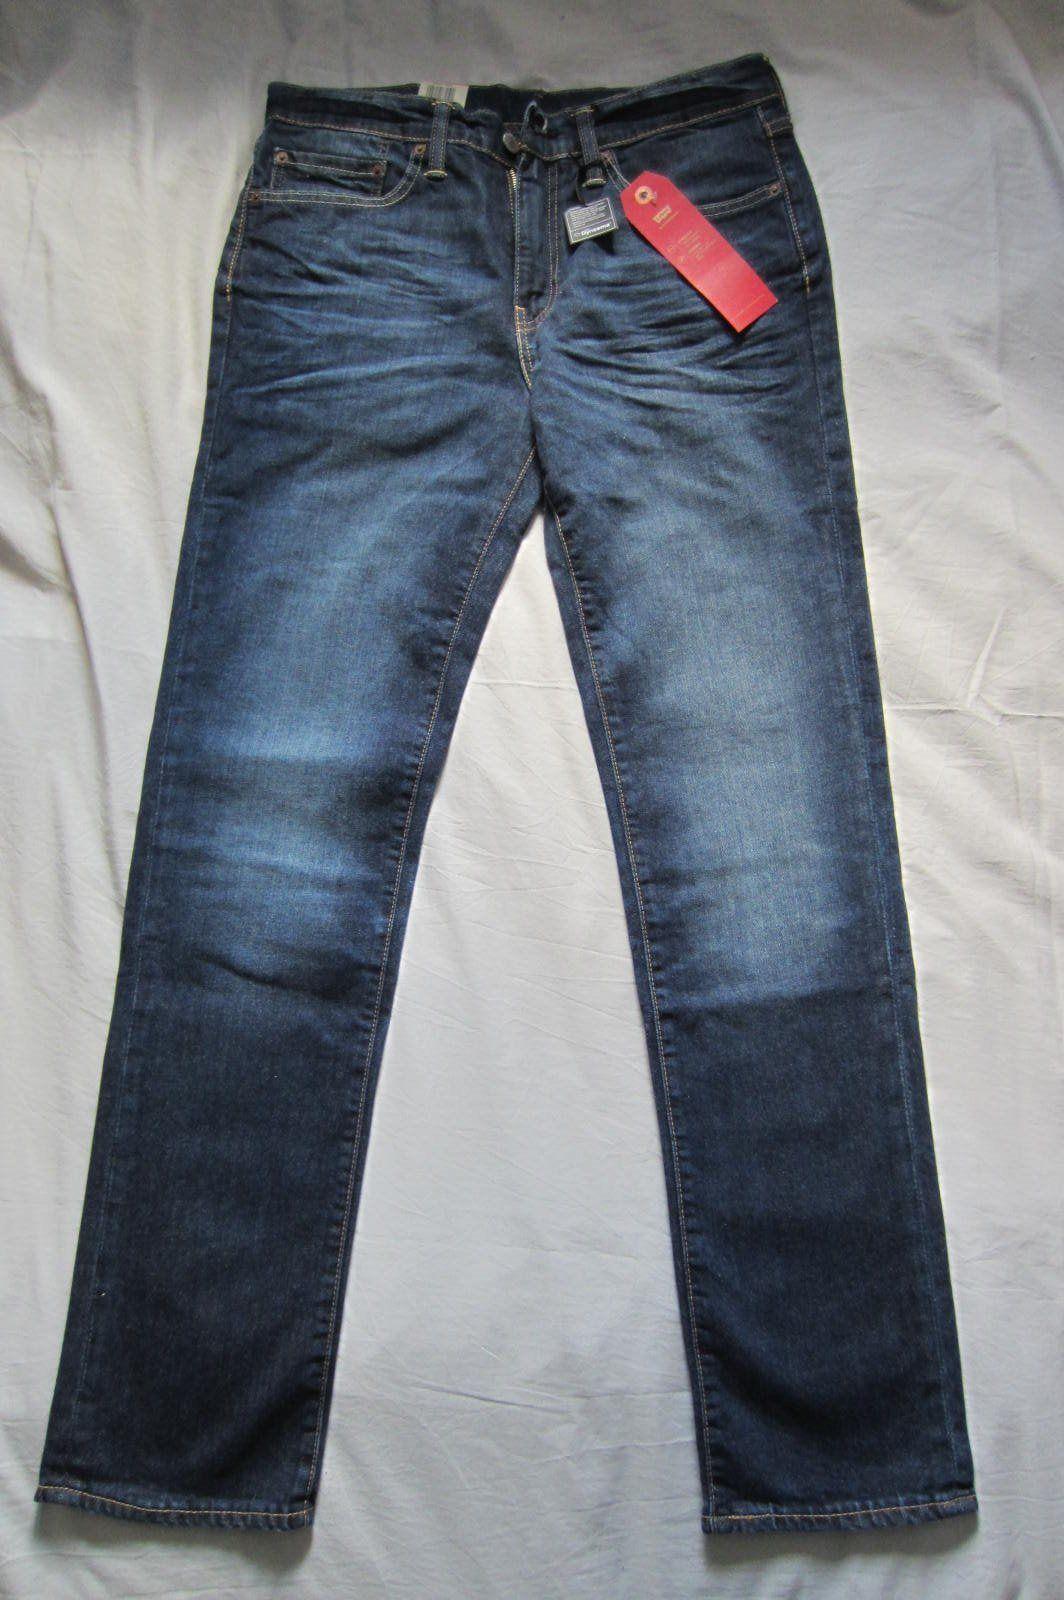 f1a2496d7e2 Köp online Levis 511 Jeans 32/34 Slim (321603306) ✅ Herrjeans waist/